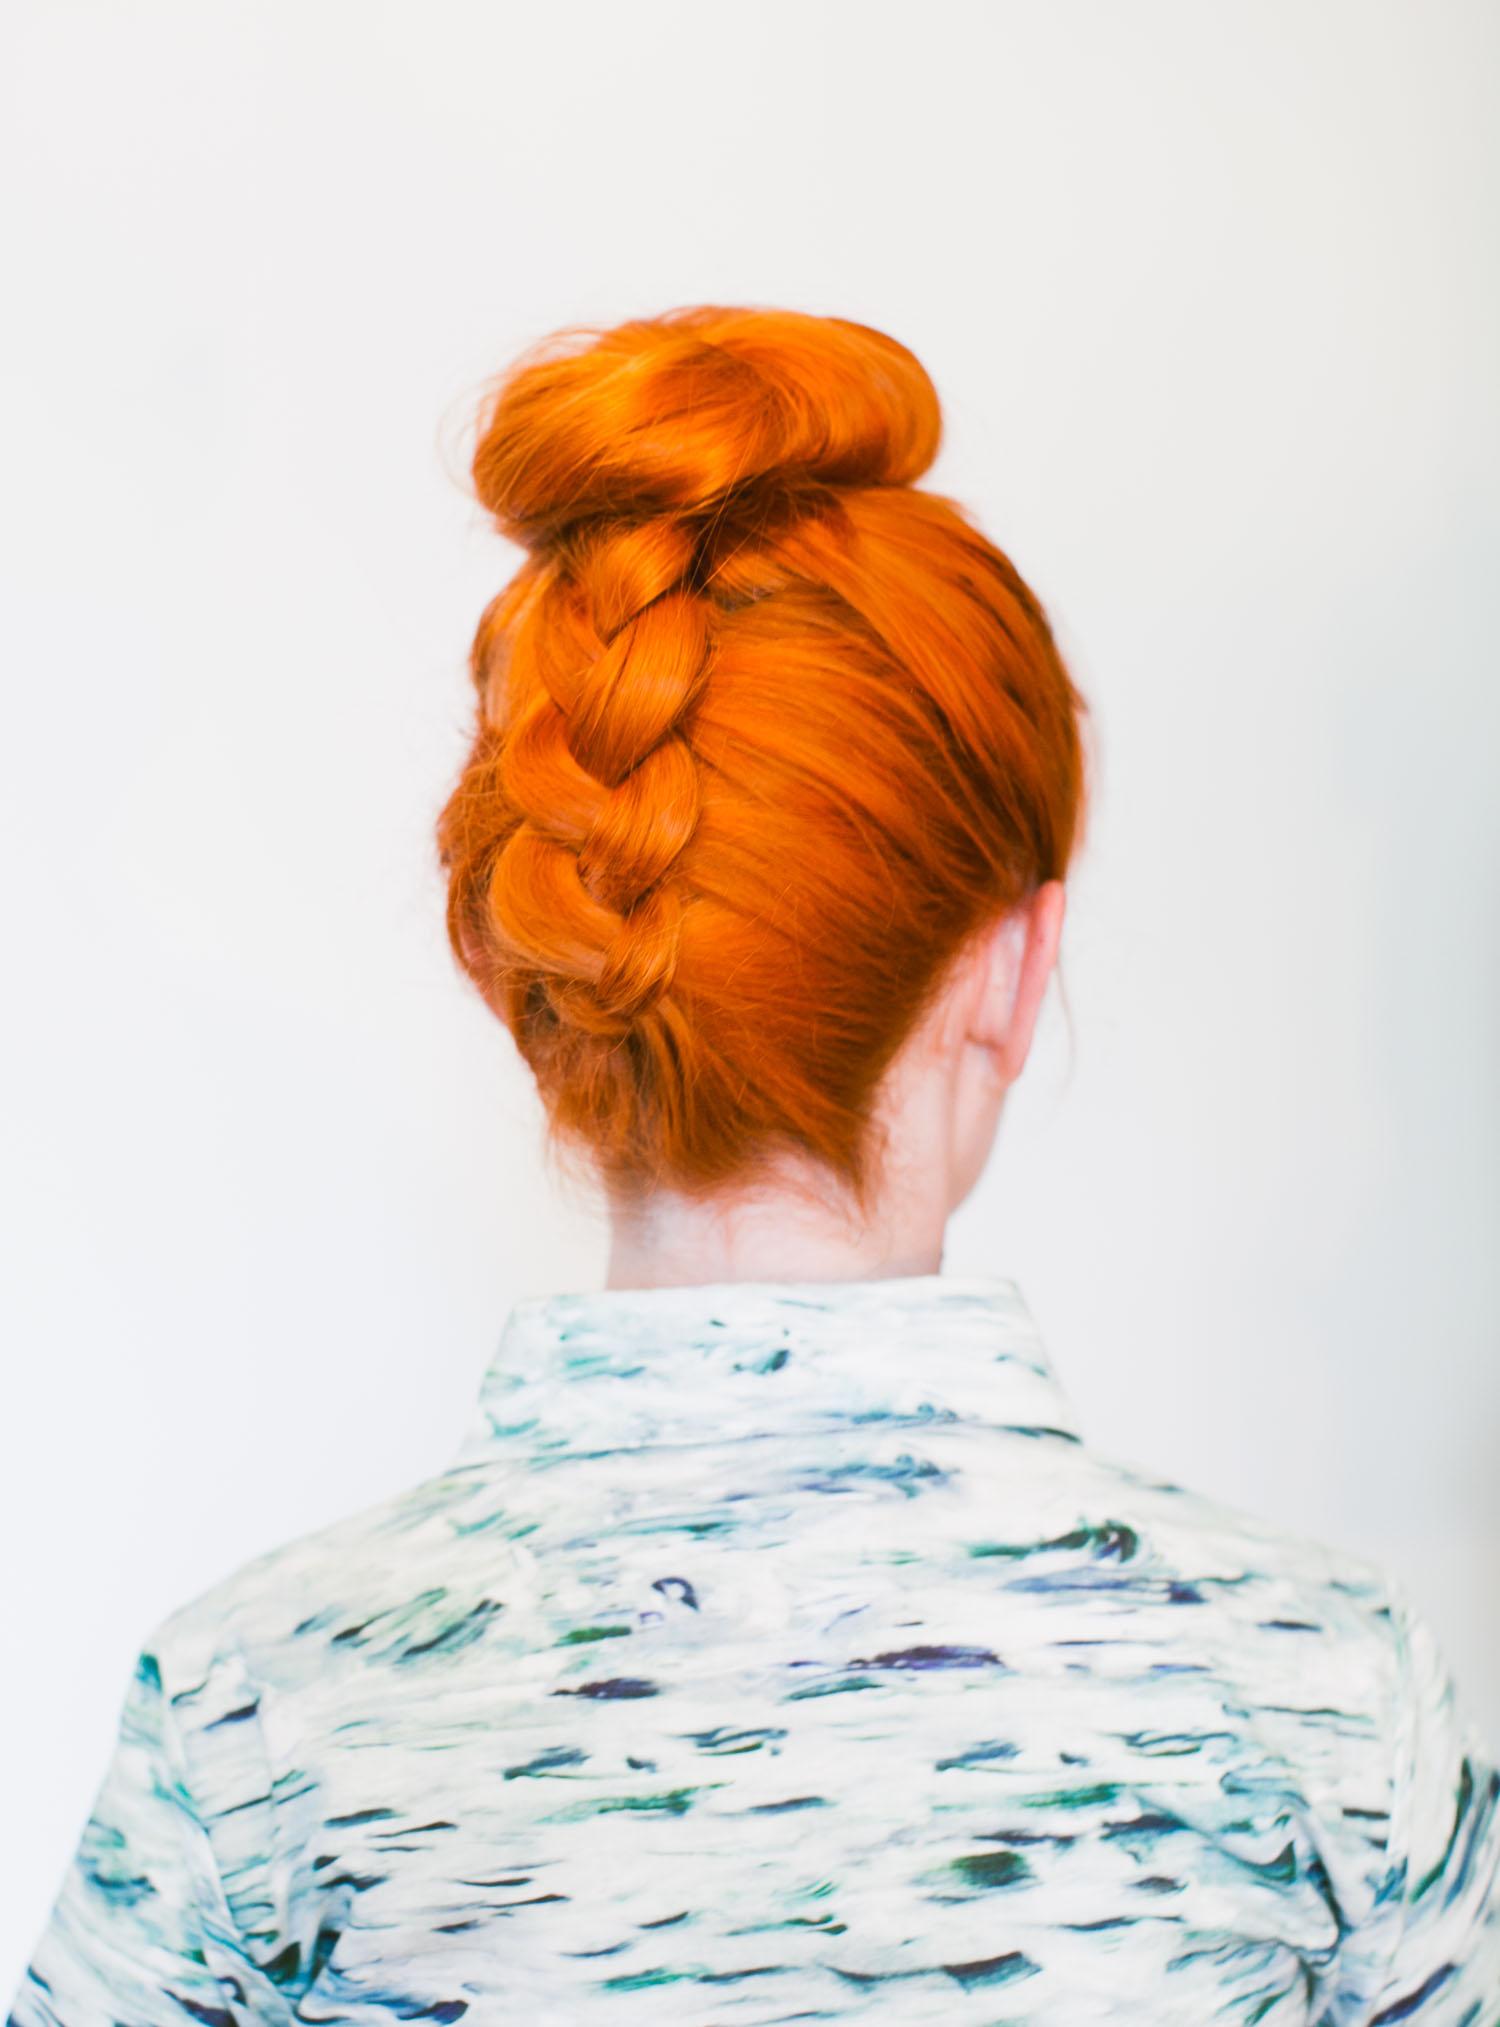 6a00d8358081ff69e201b7c87c1a62970b - Easy yet Trendy hairstyles for Girls 2018